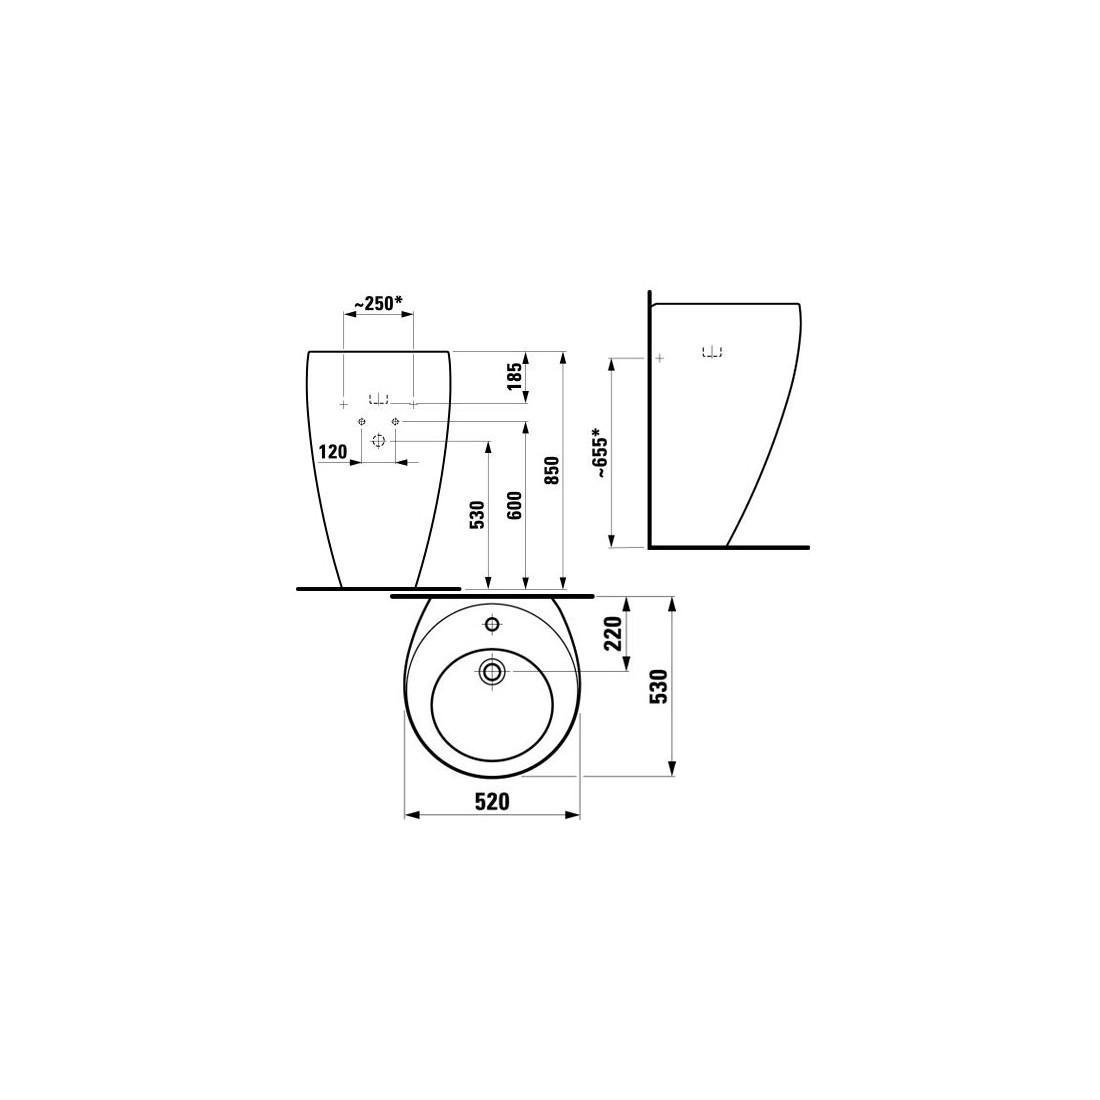 IL BAGNO ALESSI ONE Praustuvas 52 x 53 cm, su 1 anga maišytuvui viduryje, su nuotako ir perlajos vožtuvu Clou 8.9194.1